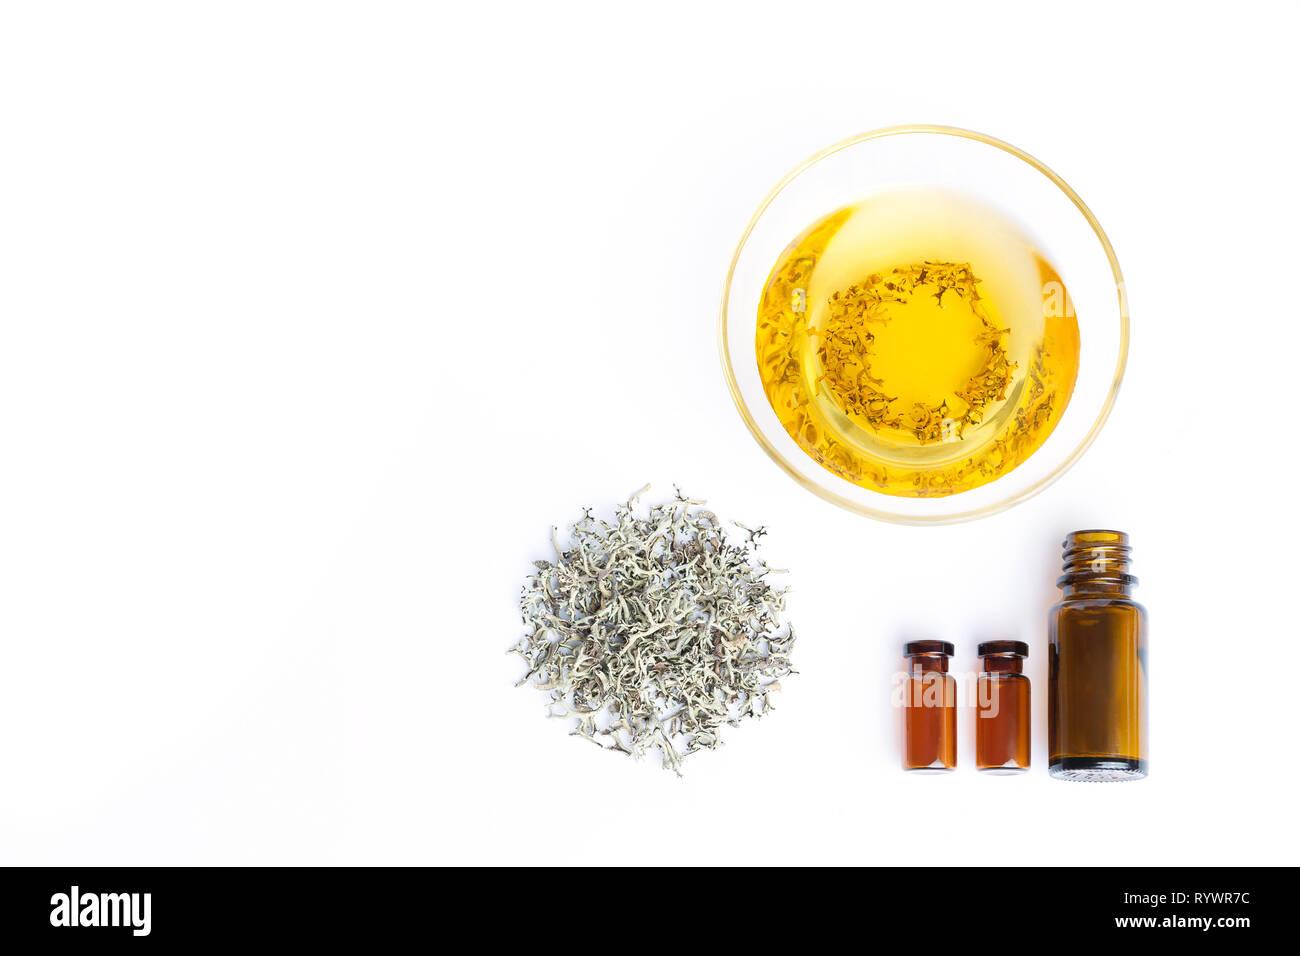 L'herbe sèche et de perfusion à base de mousse, l'herbe sèche et de perfusion à base de mousse. Pots en verre. Herb Alternative medicine. Isolé sur fond blanc. Photo Stock